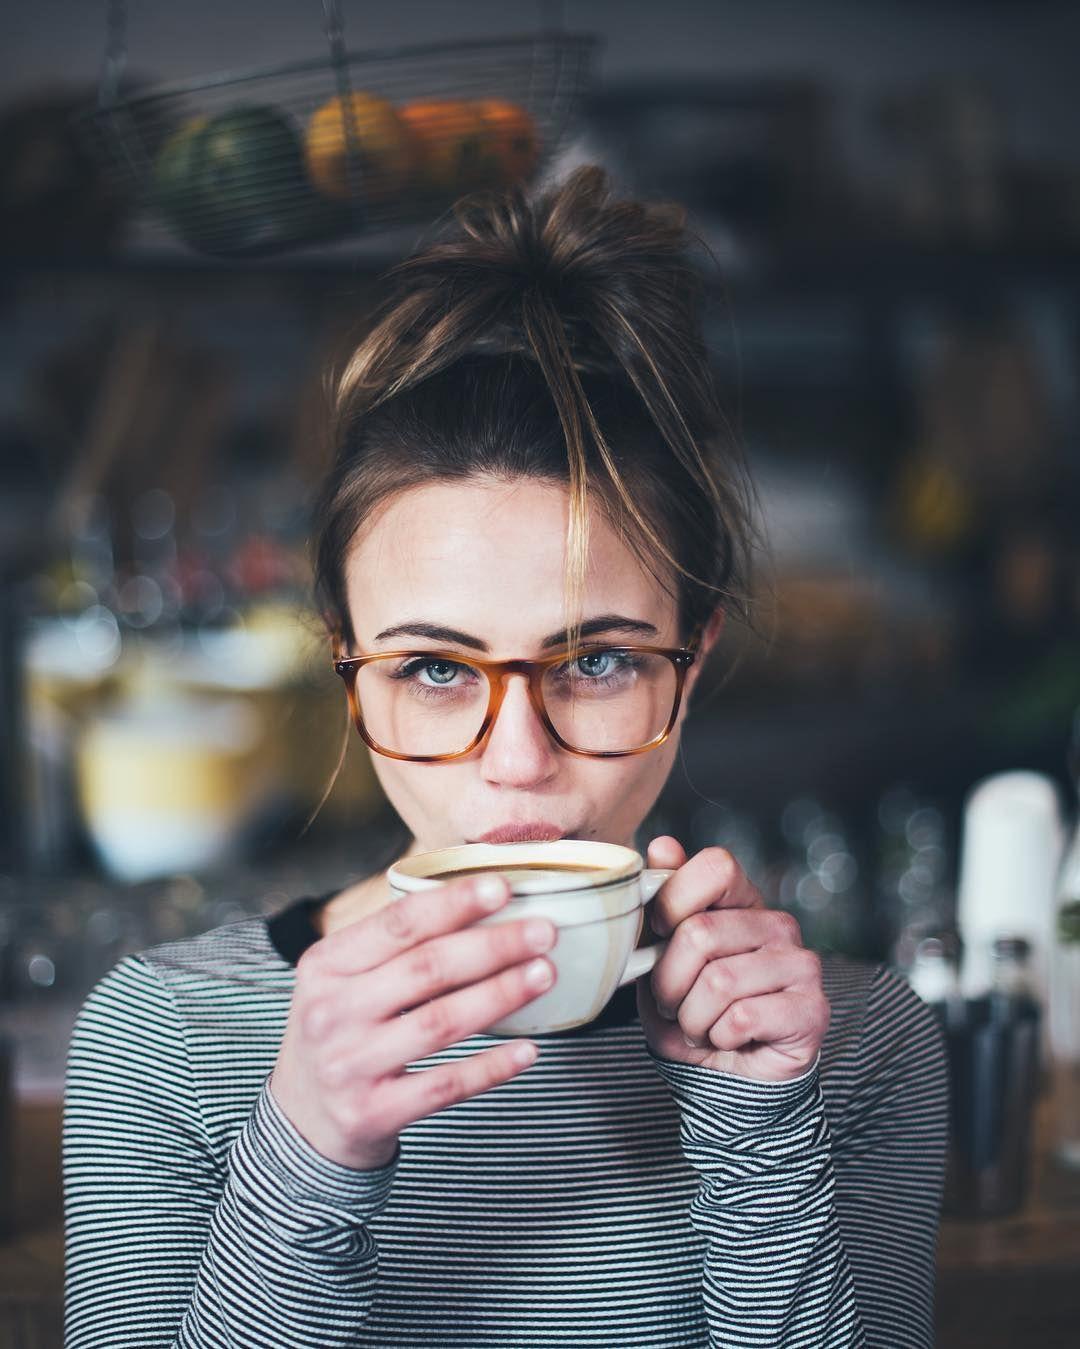 defee2305d6 Bun coffee glasses. What else   brandonwoelfel is just the best   aeropostale by charlottesmckee